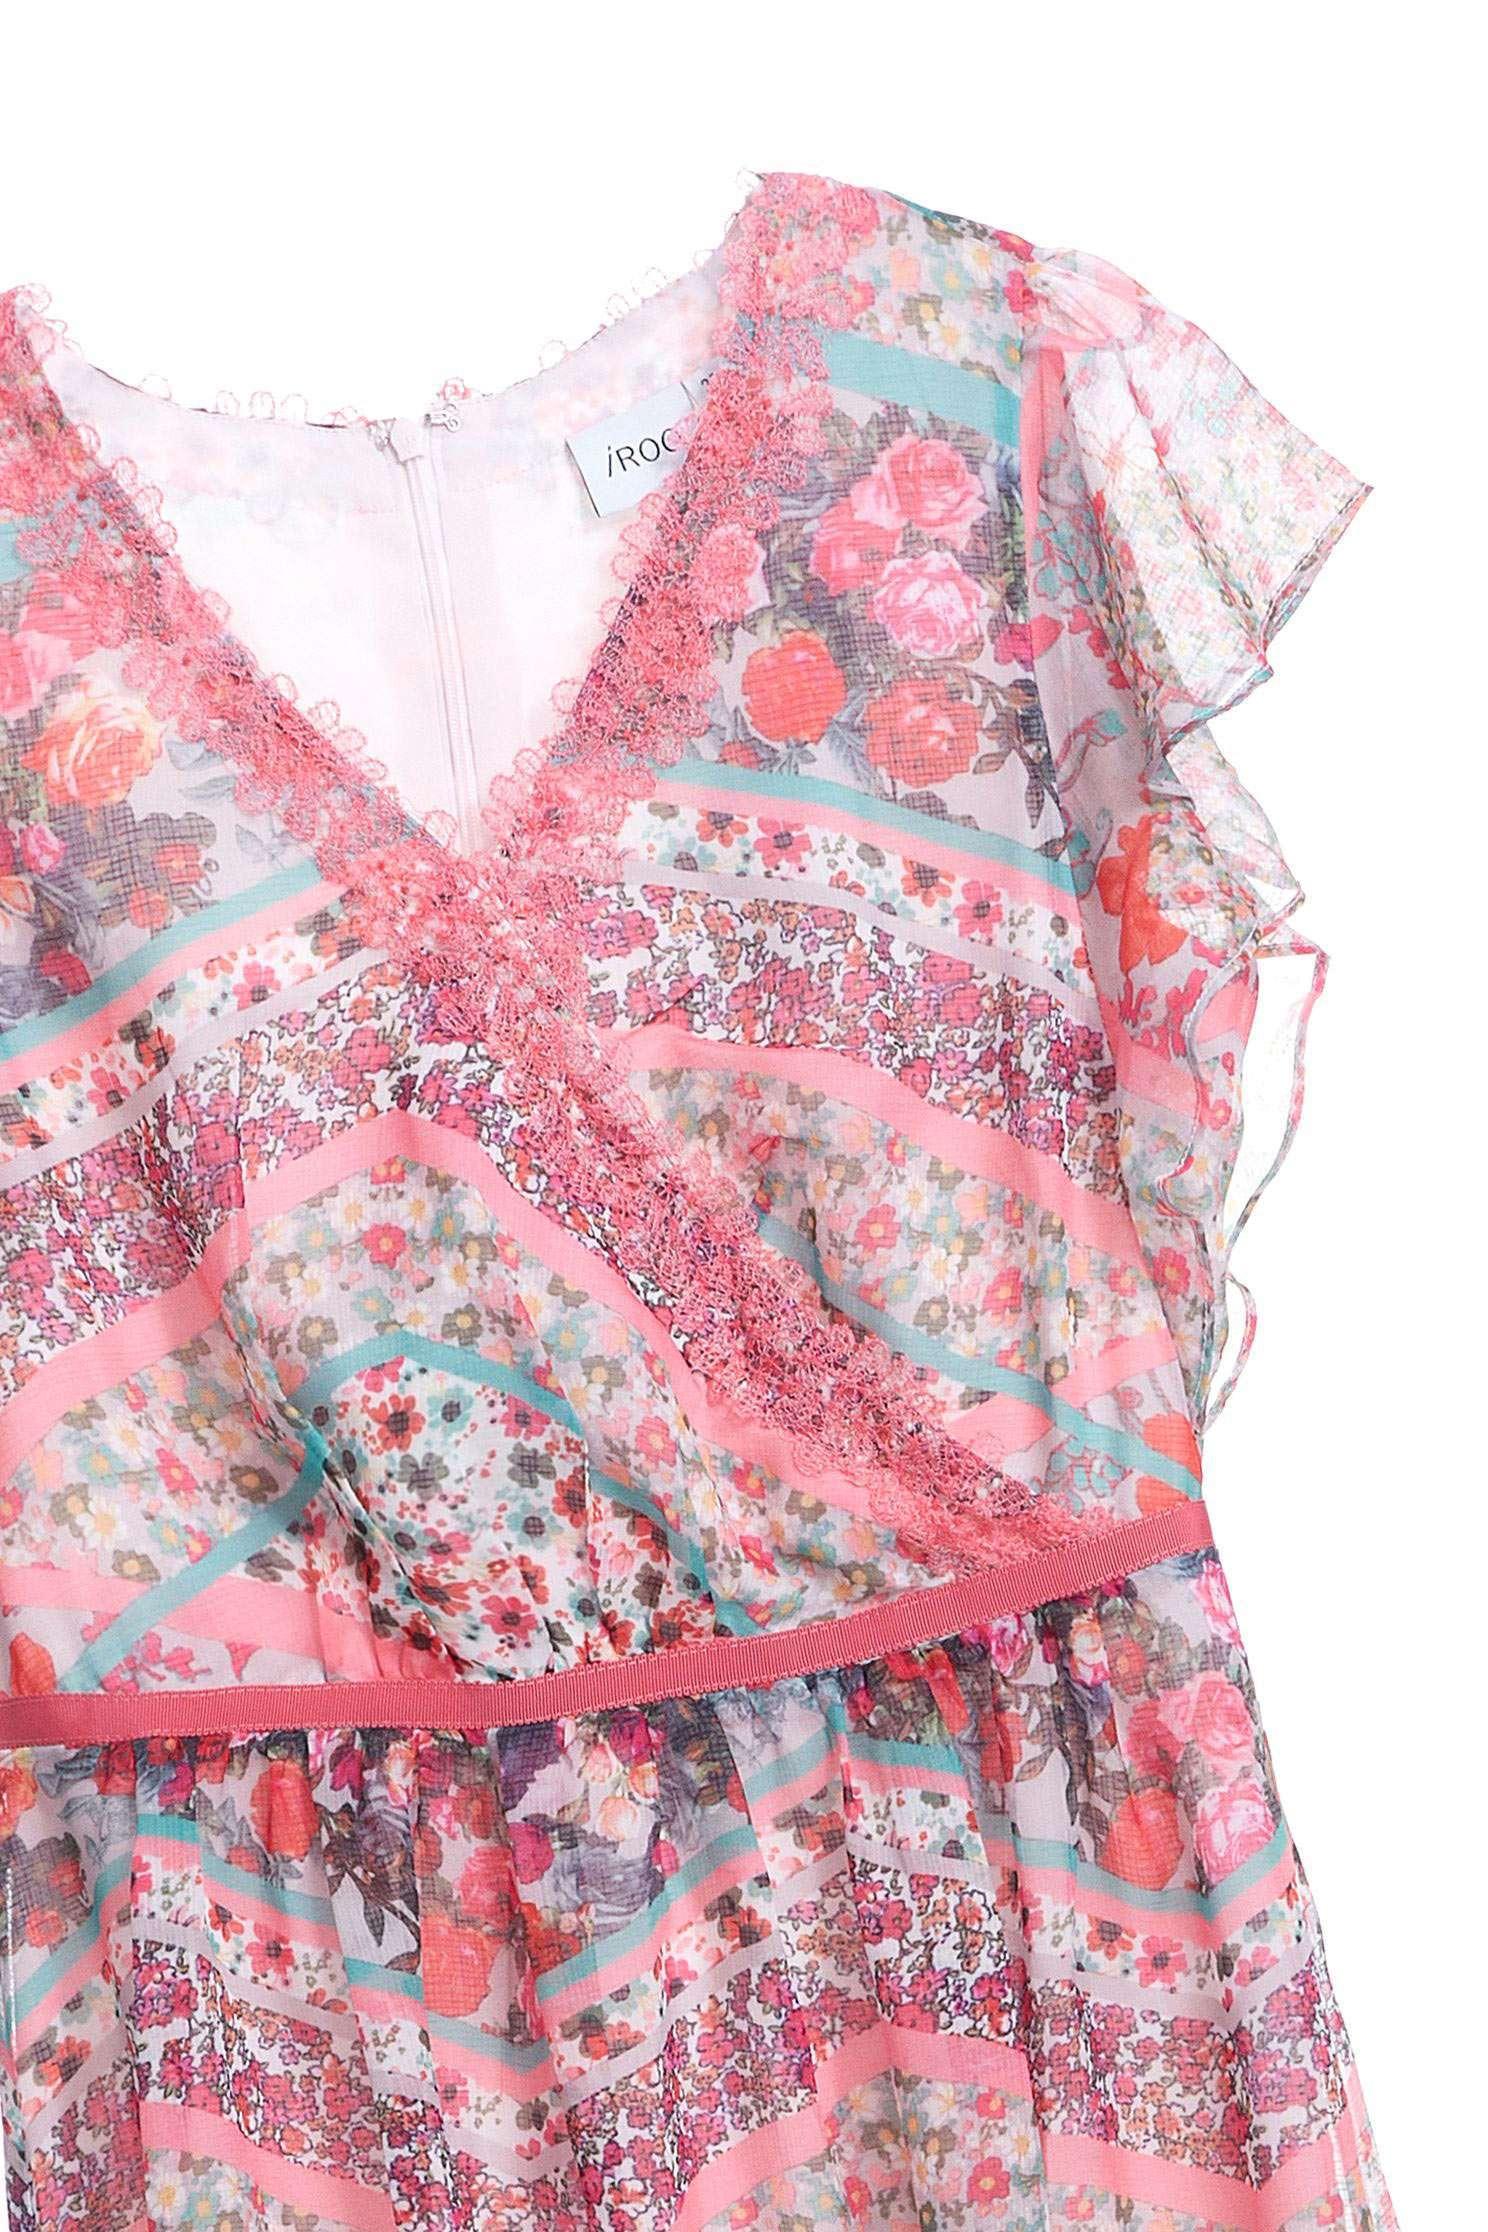 Elegant pattern dress,v-neckdress,printeddress,cocktaildress,sleevelessdress,shortsleevedress,chiffon,chiffondress